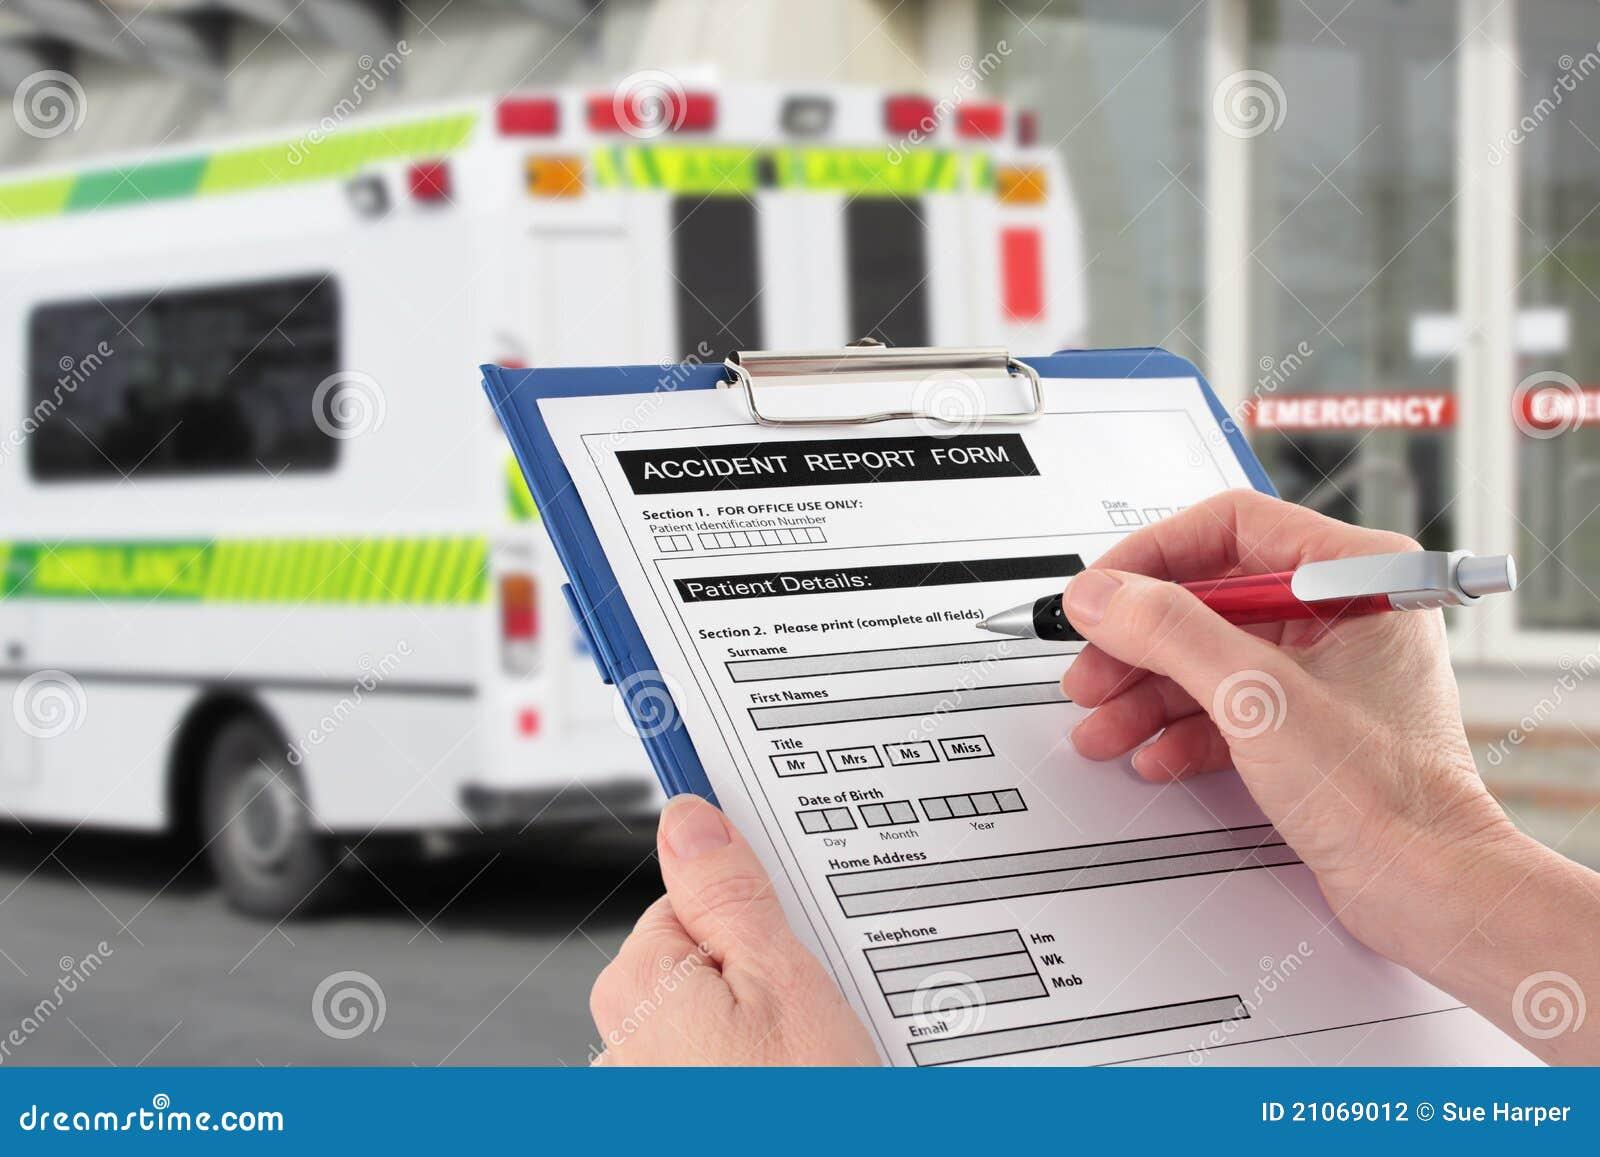 事故ambulan完成的表单现有量报表